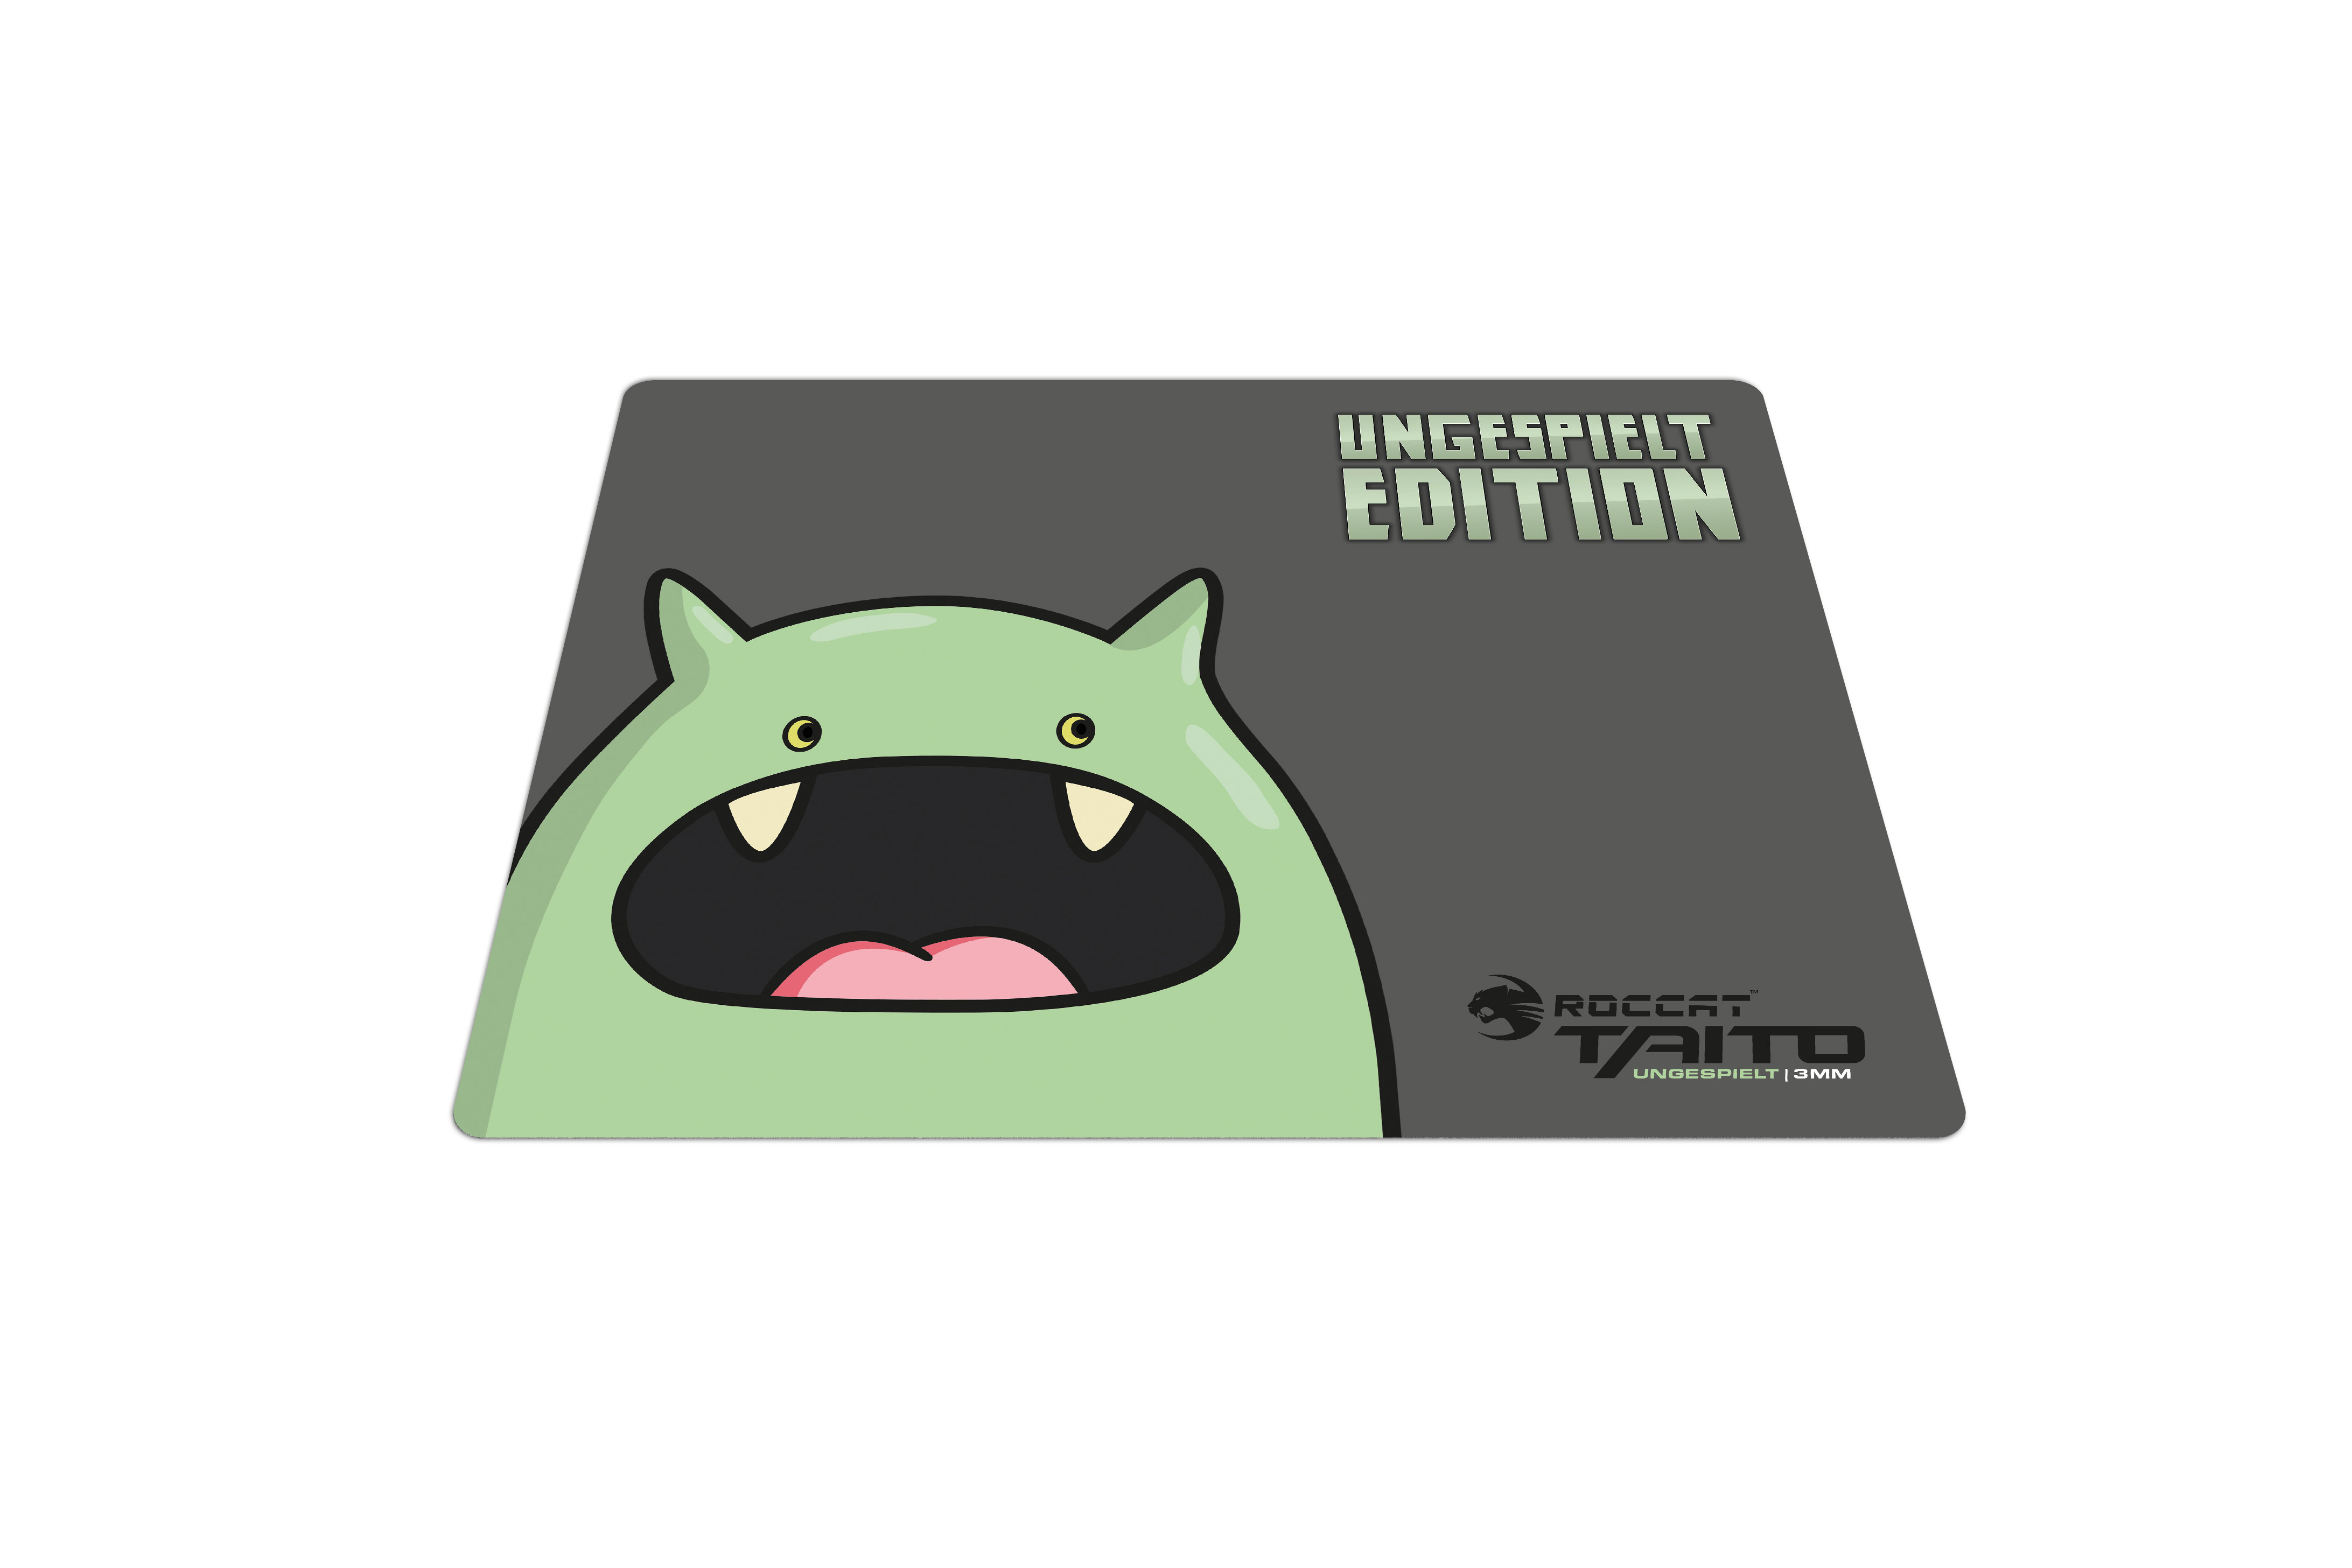 ROCCAT-Taito_Ungespielt-Edition_Perspektive_front